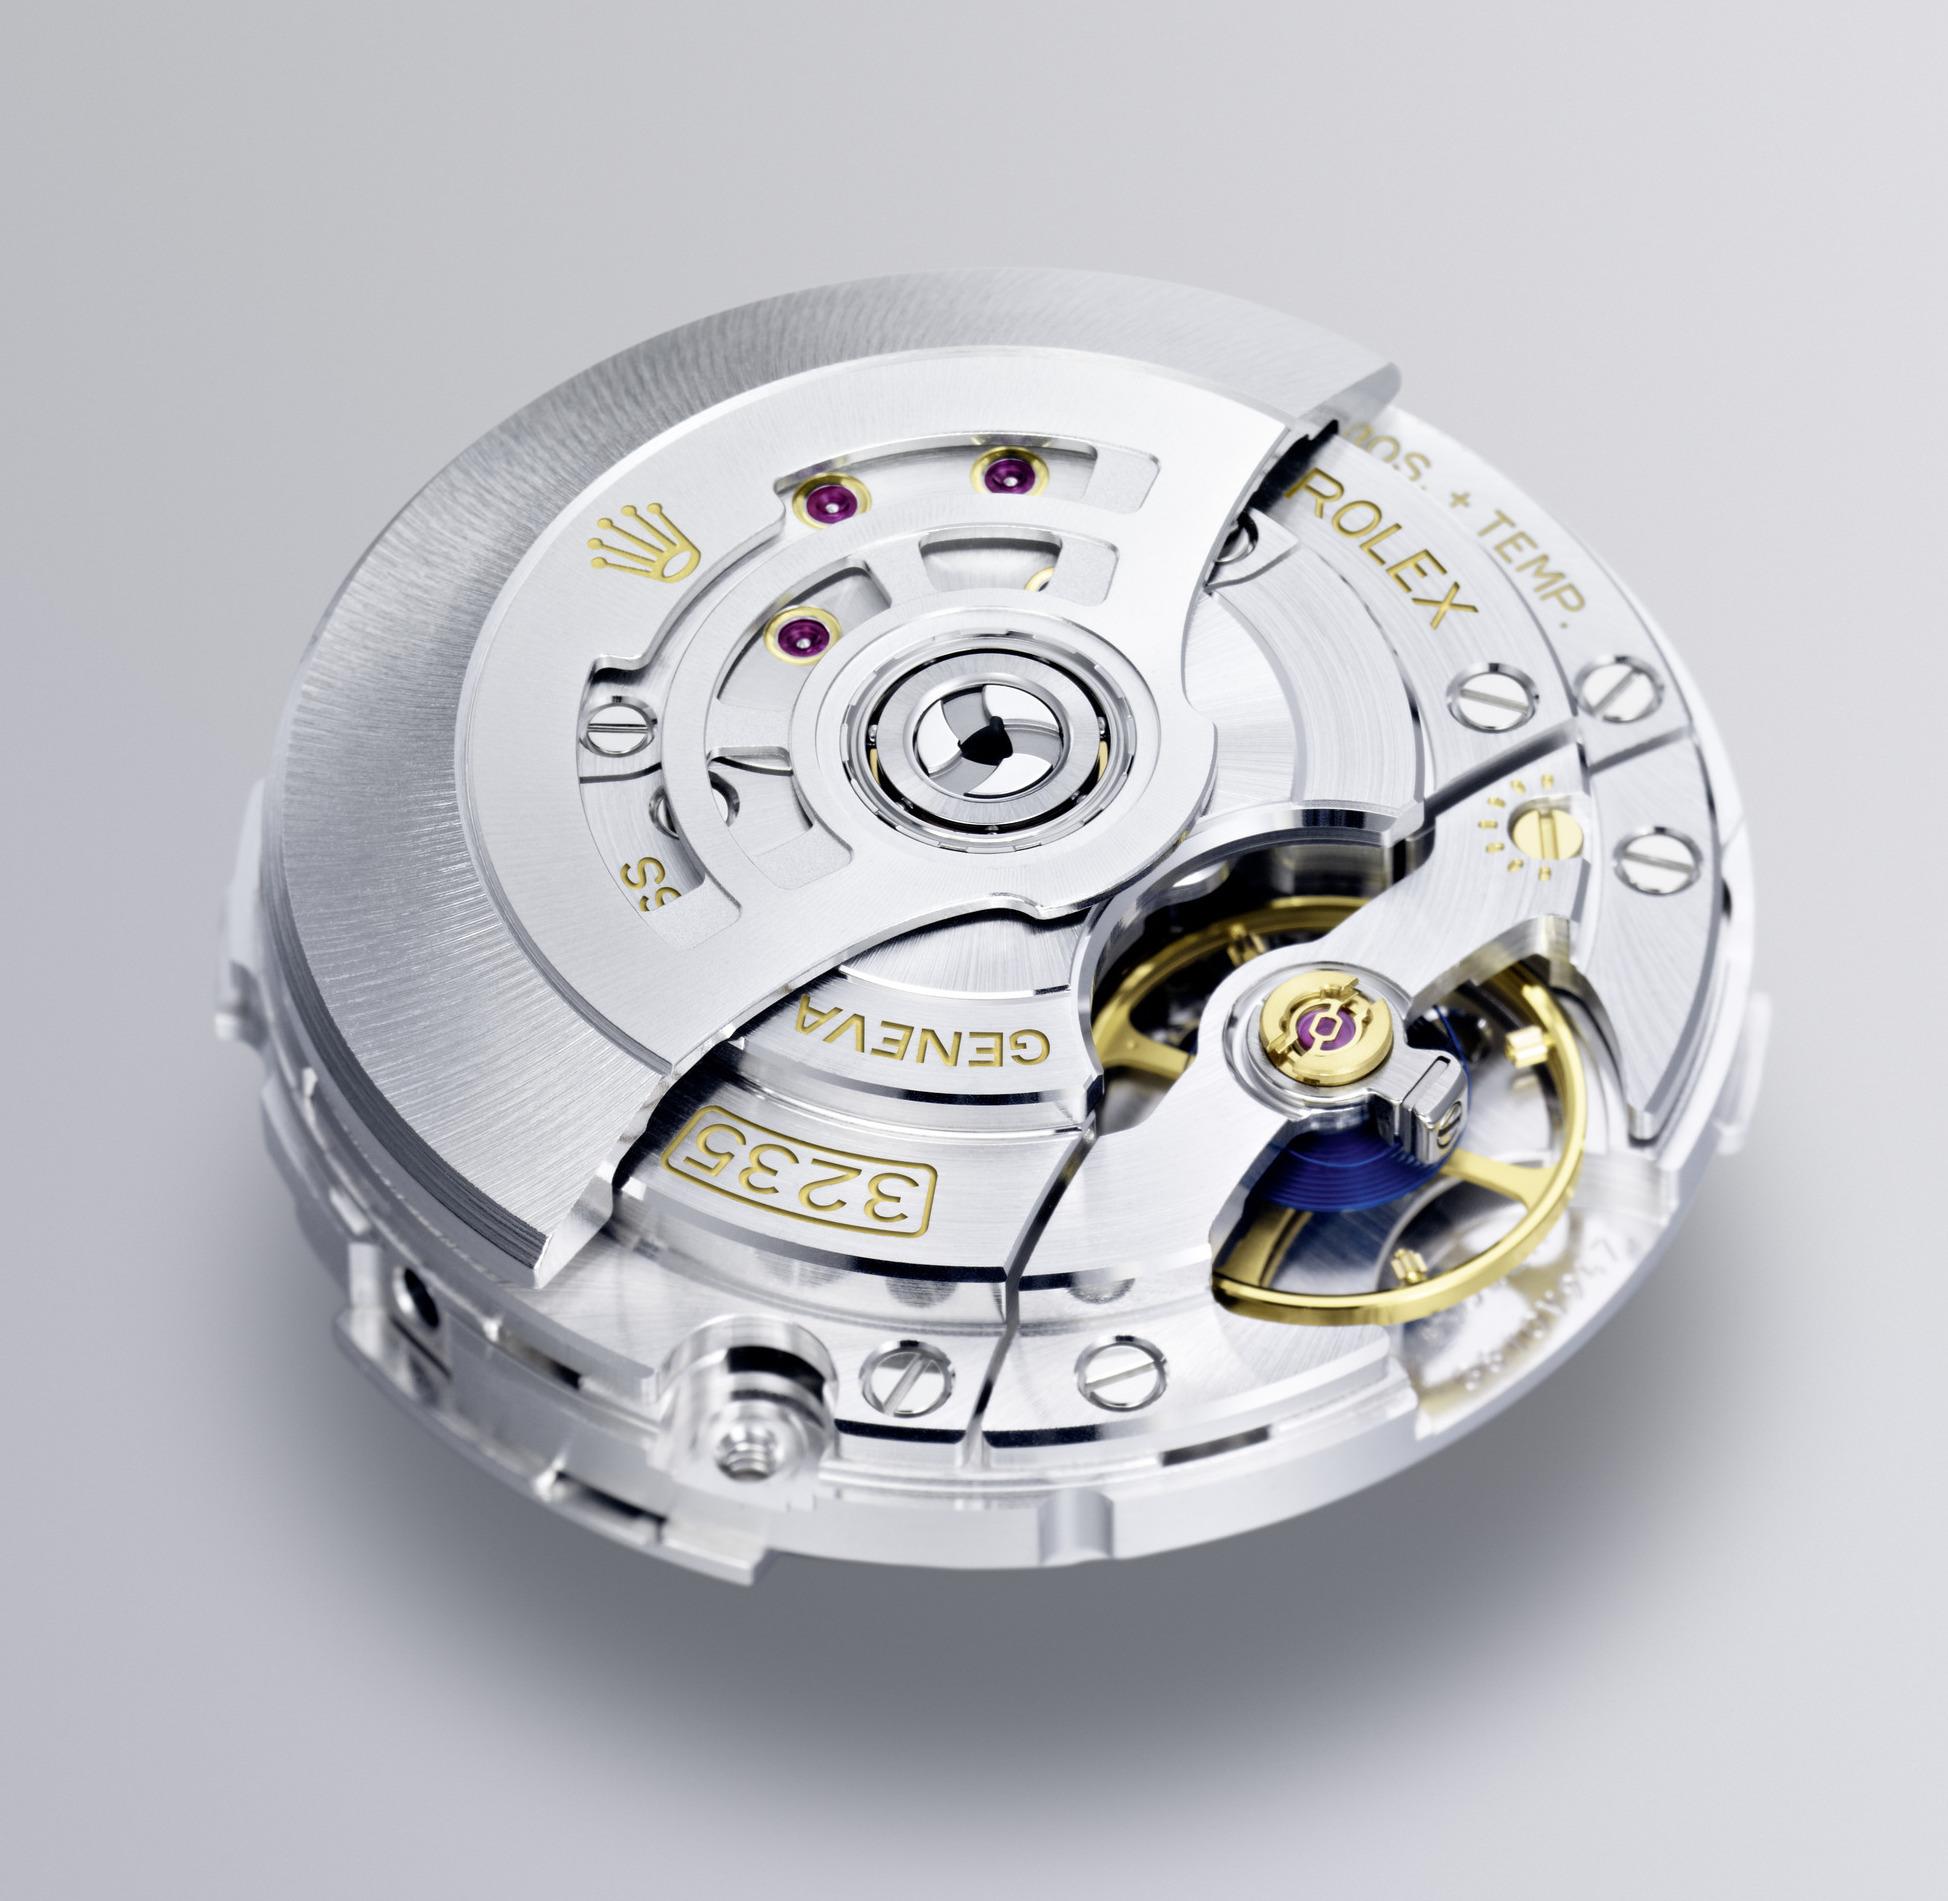 高級時計って電池がいらないってホント?